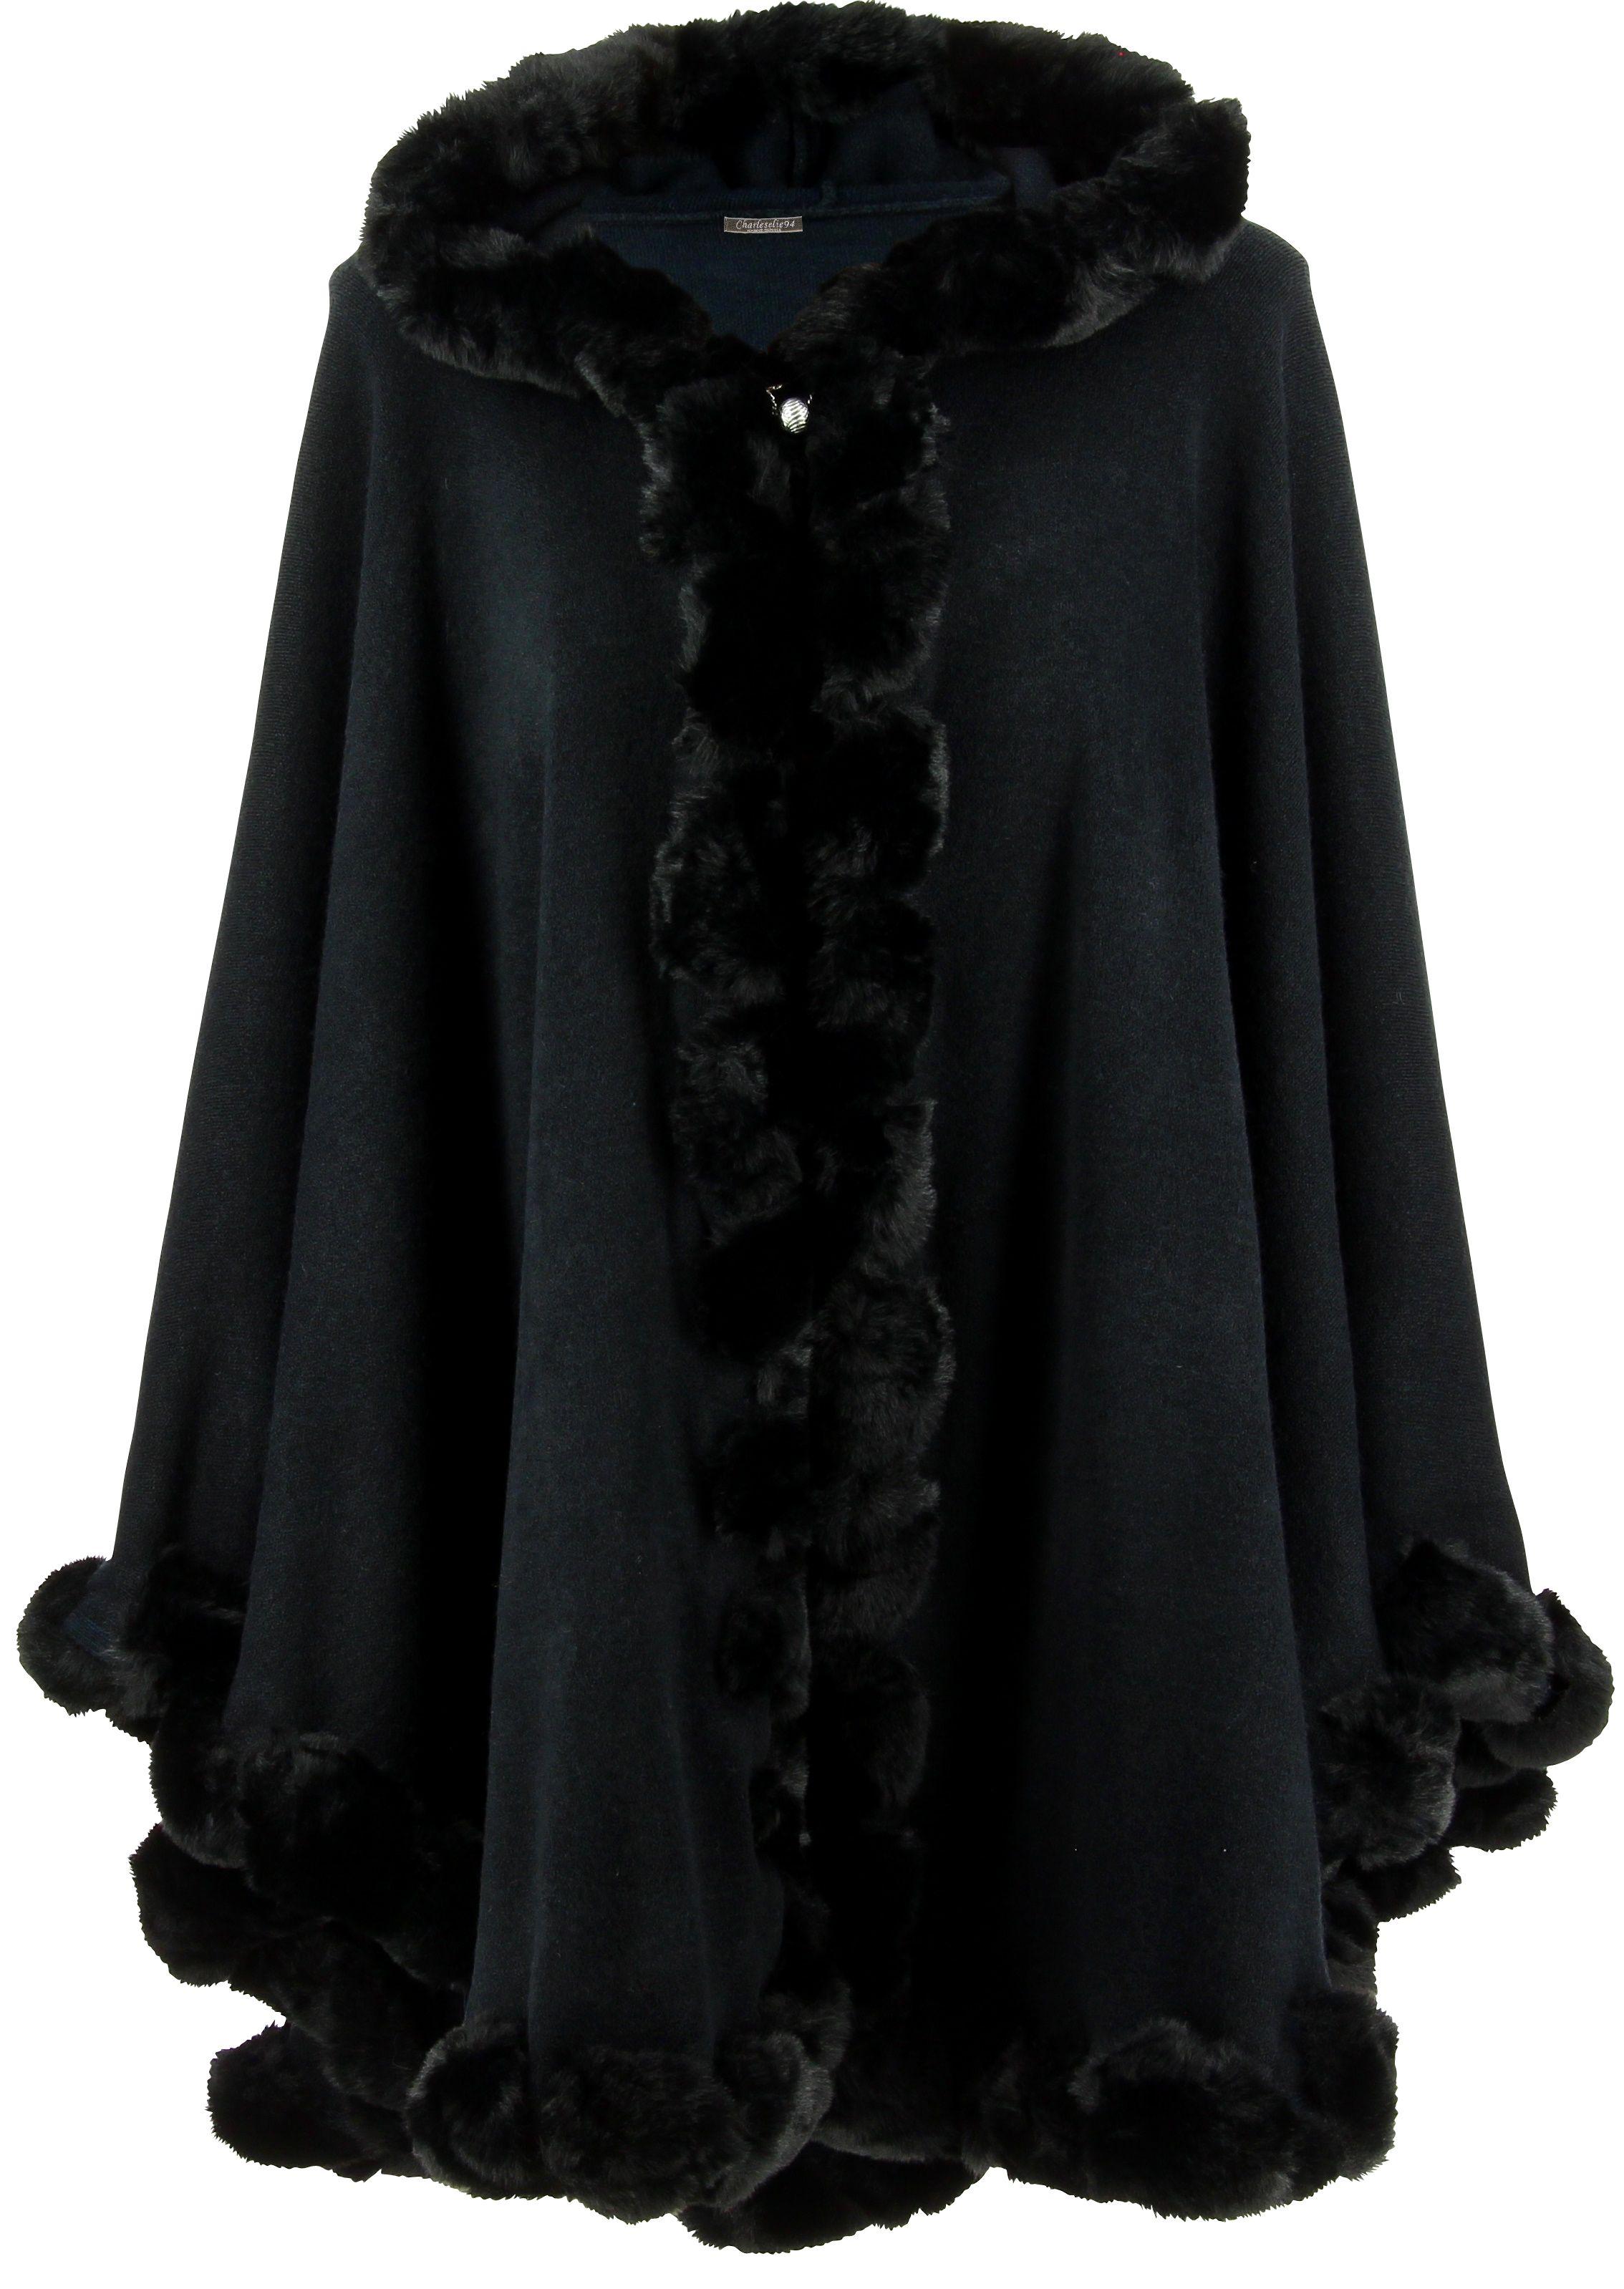 Découvre notre magnifique cape manteau poncho à capuche JULES, entièrement  bordée d une sublime 75df2541d79c